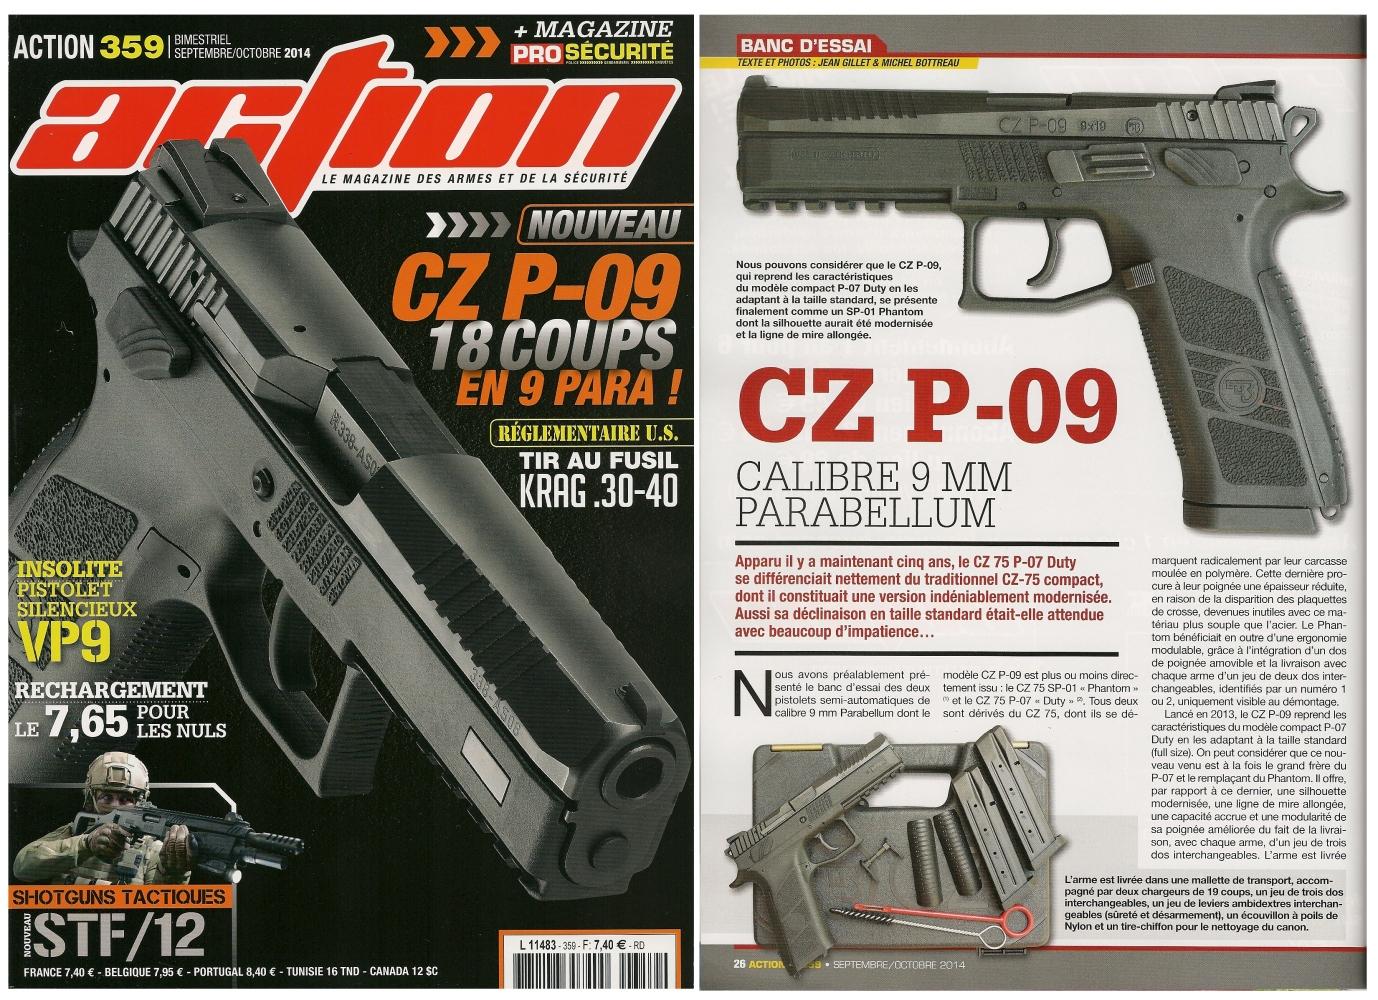 Le banc d'essai du pistolet CZ P-09 a été publié sur 6 pages dans le magazine Action n° 359 (septembre-octobre 2014)